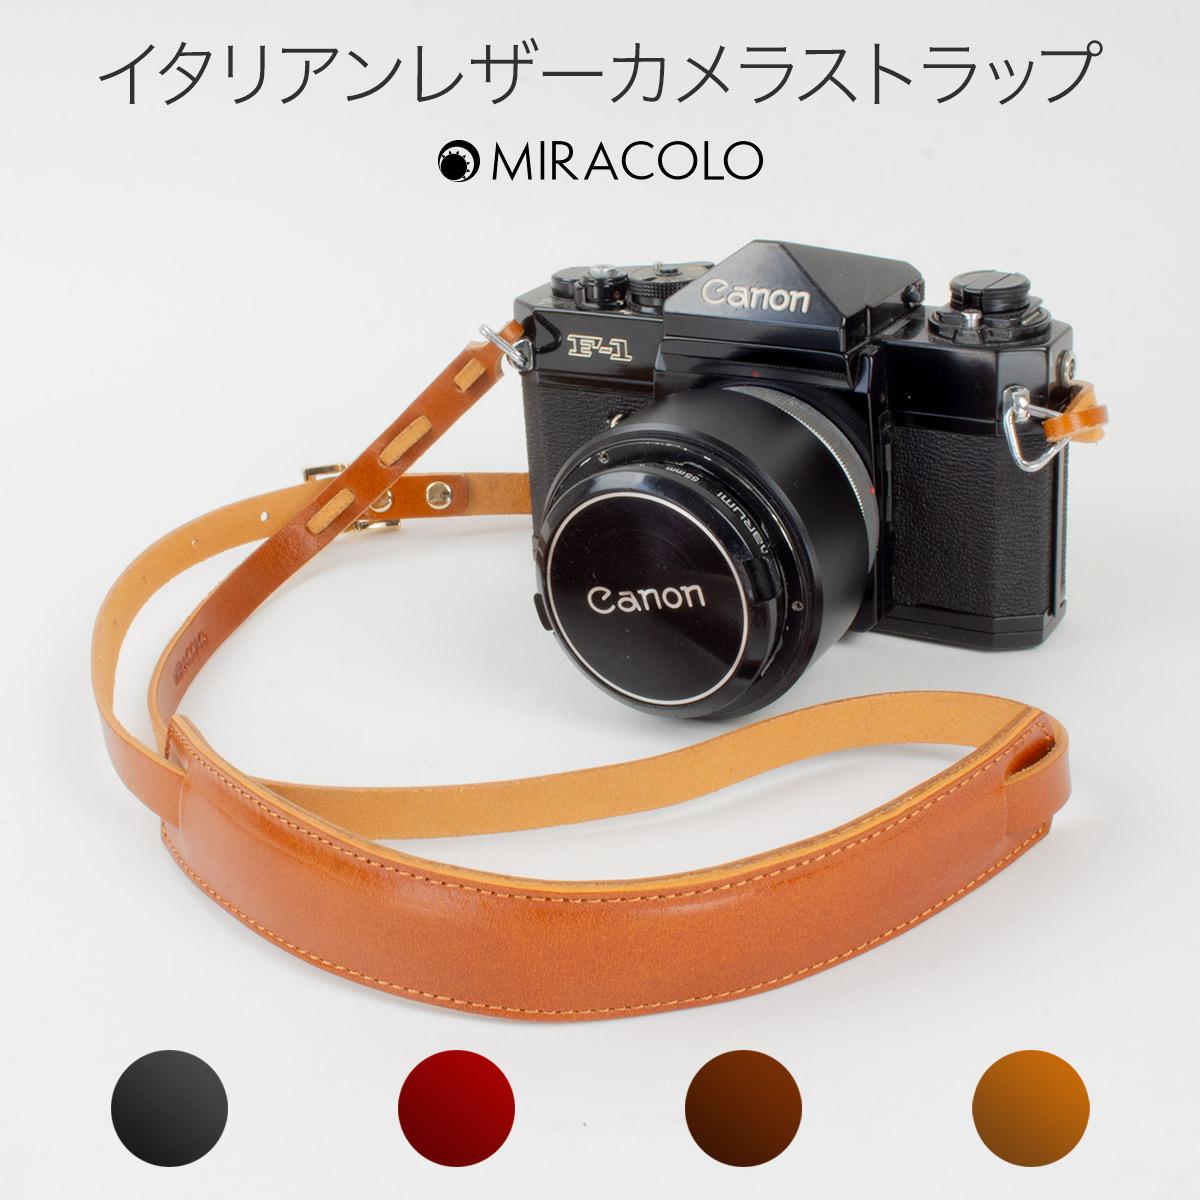 MIRACOLOカメラストラップ